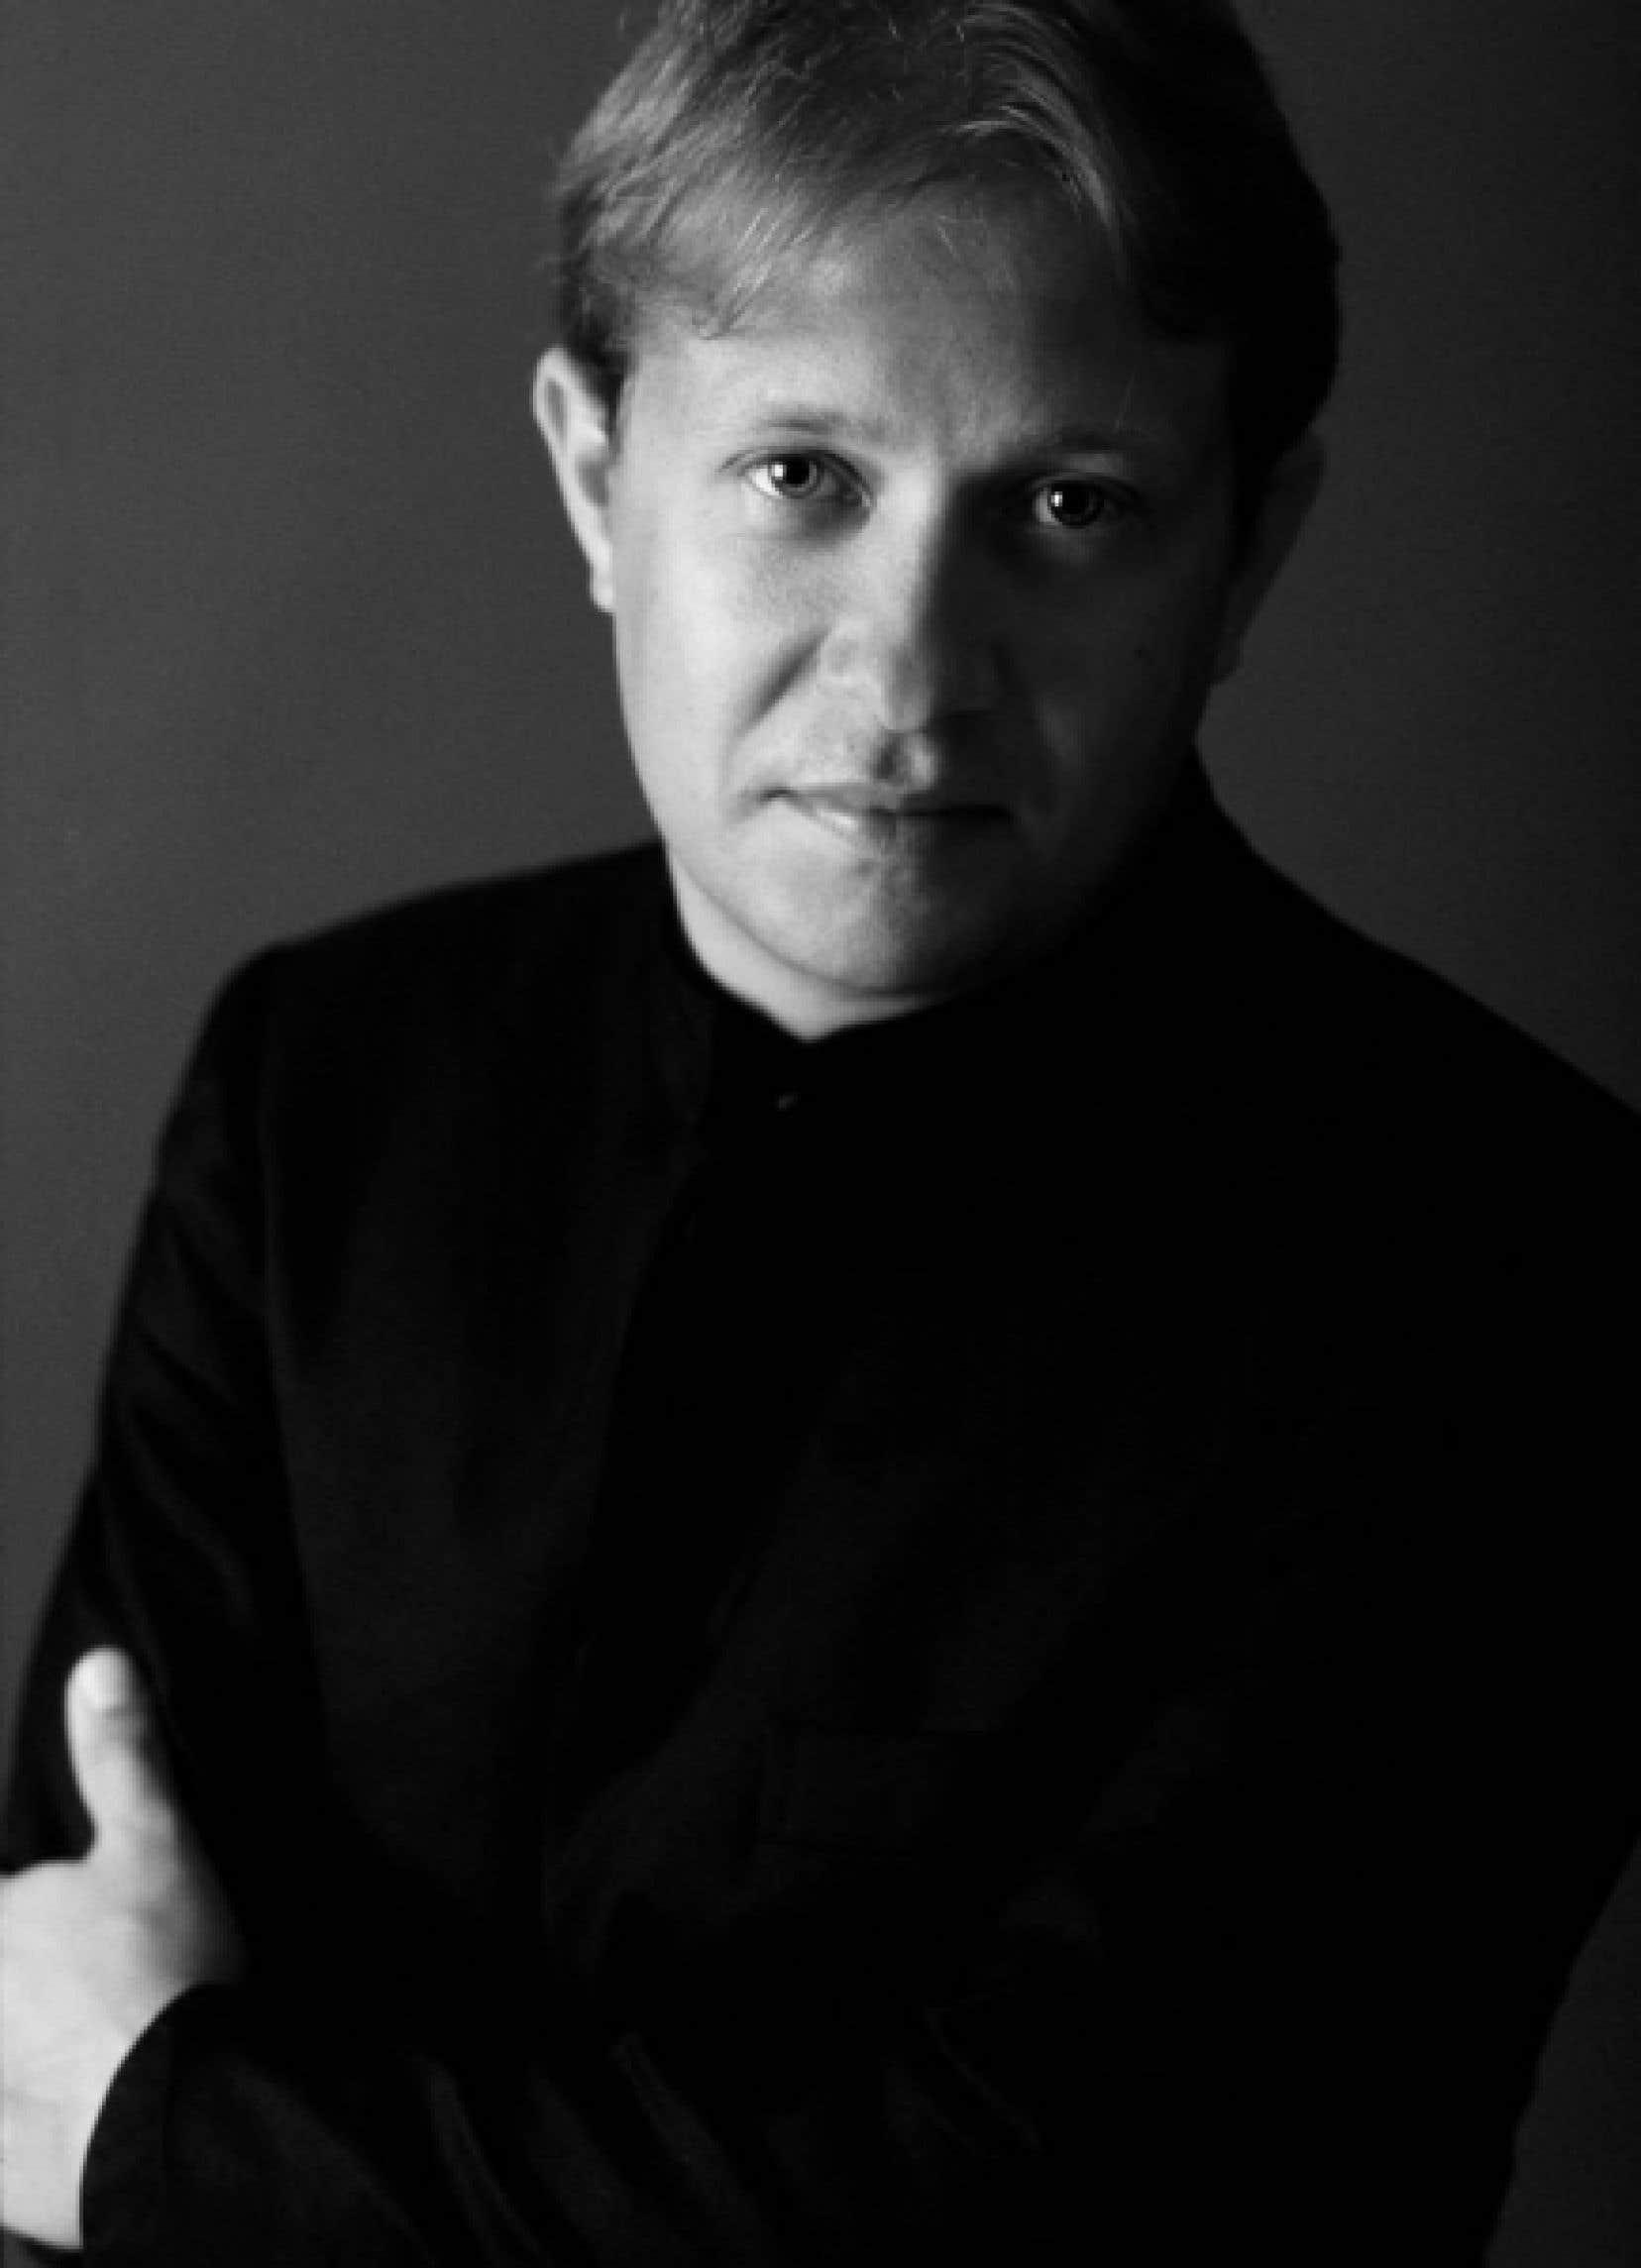 Le chef français Ludovic Morlot et la pianiste chinoise Yuja Wang seront à Montréal dans un programme Debussy, Ravel, Rachmaninov.